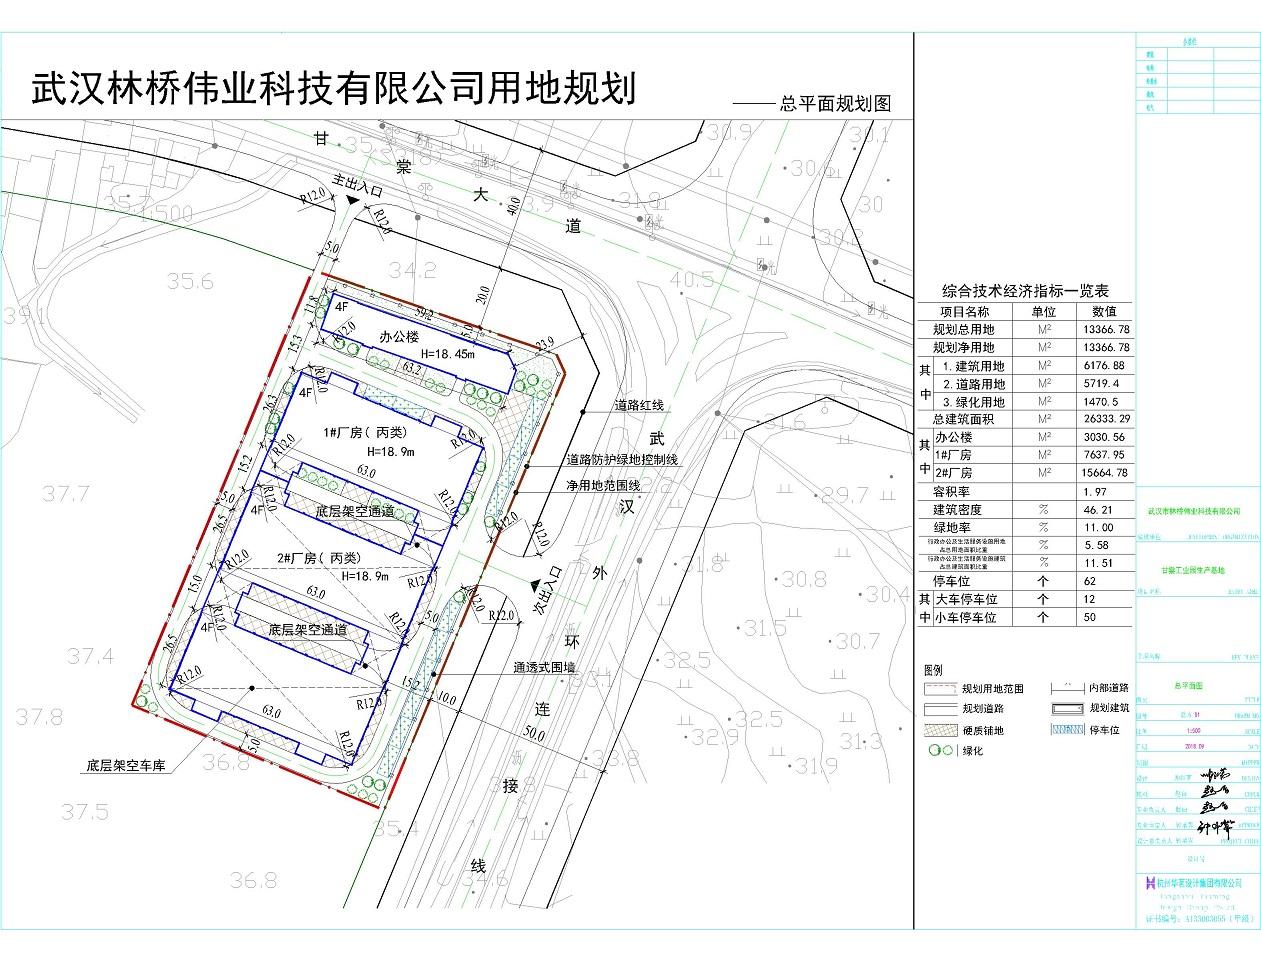 武汉市林桥伟业科技有限公司拟建的工业项目,位于黄陂区六指街甘棠大道与武汉外环连接线交叉口西南,用地性质为出让工业用地。项目拟建1栋4层办公楼、2栋4层厂房。总用地面积13366.78平方米,总建筑面积26333.29平方米。规划容积率1.97,建筑密度46.21%,绿地率11%。